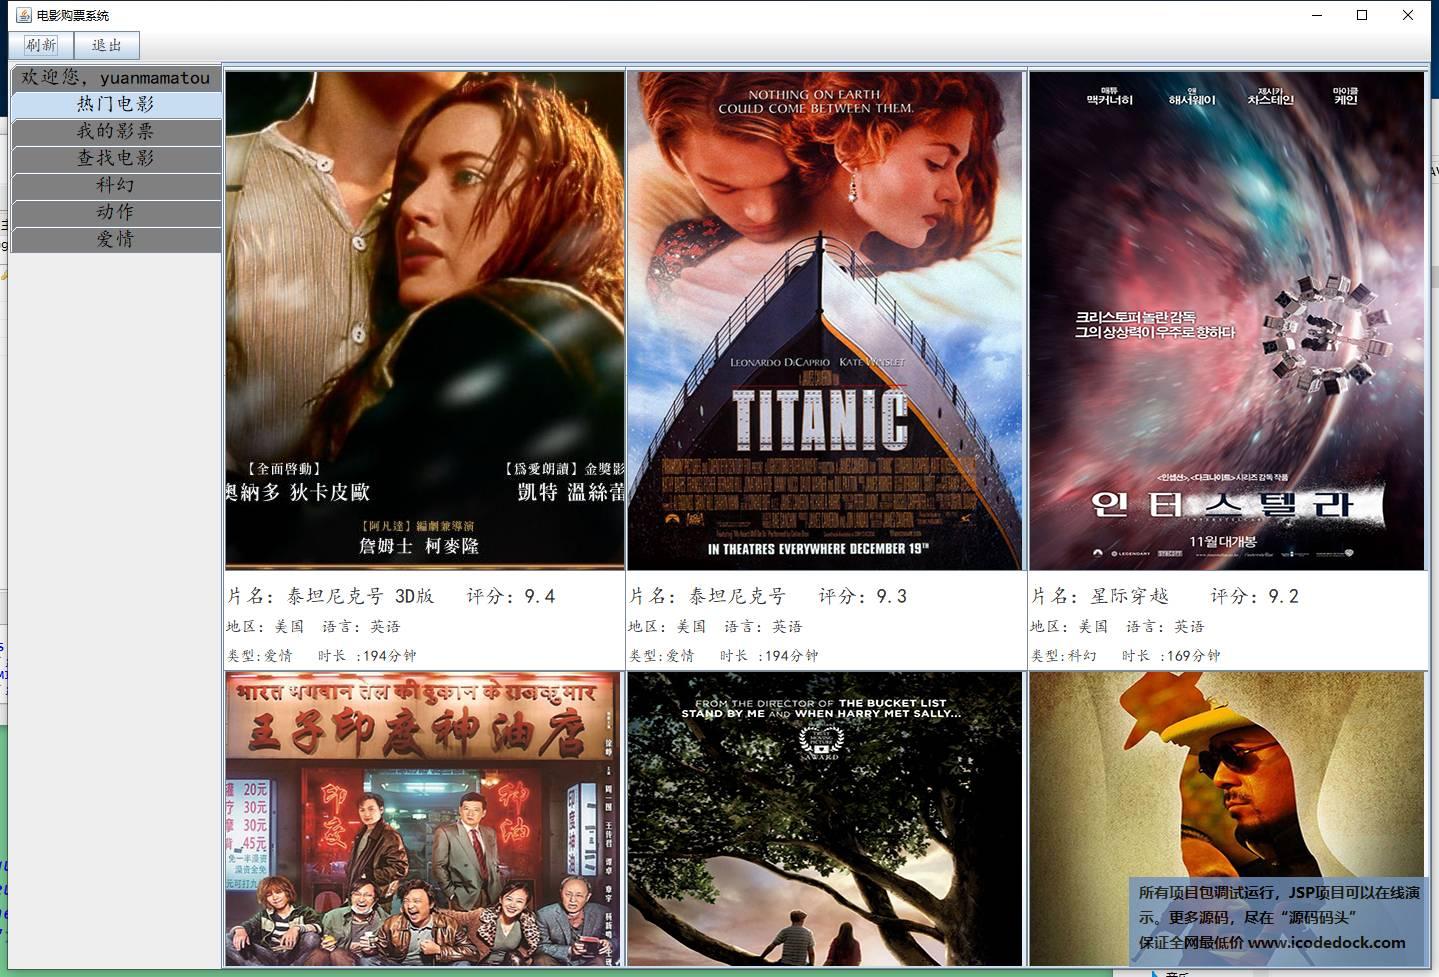 源码码头-电影院售票管理系统-用户角色-查看热门电影